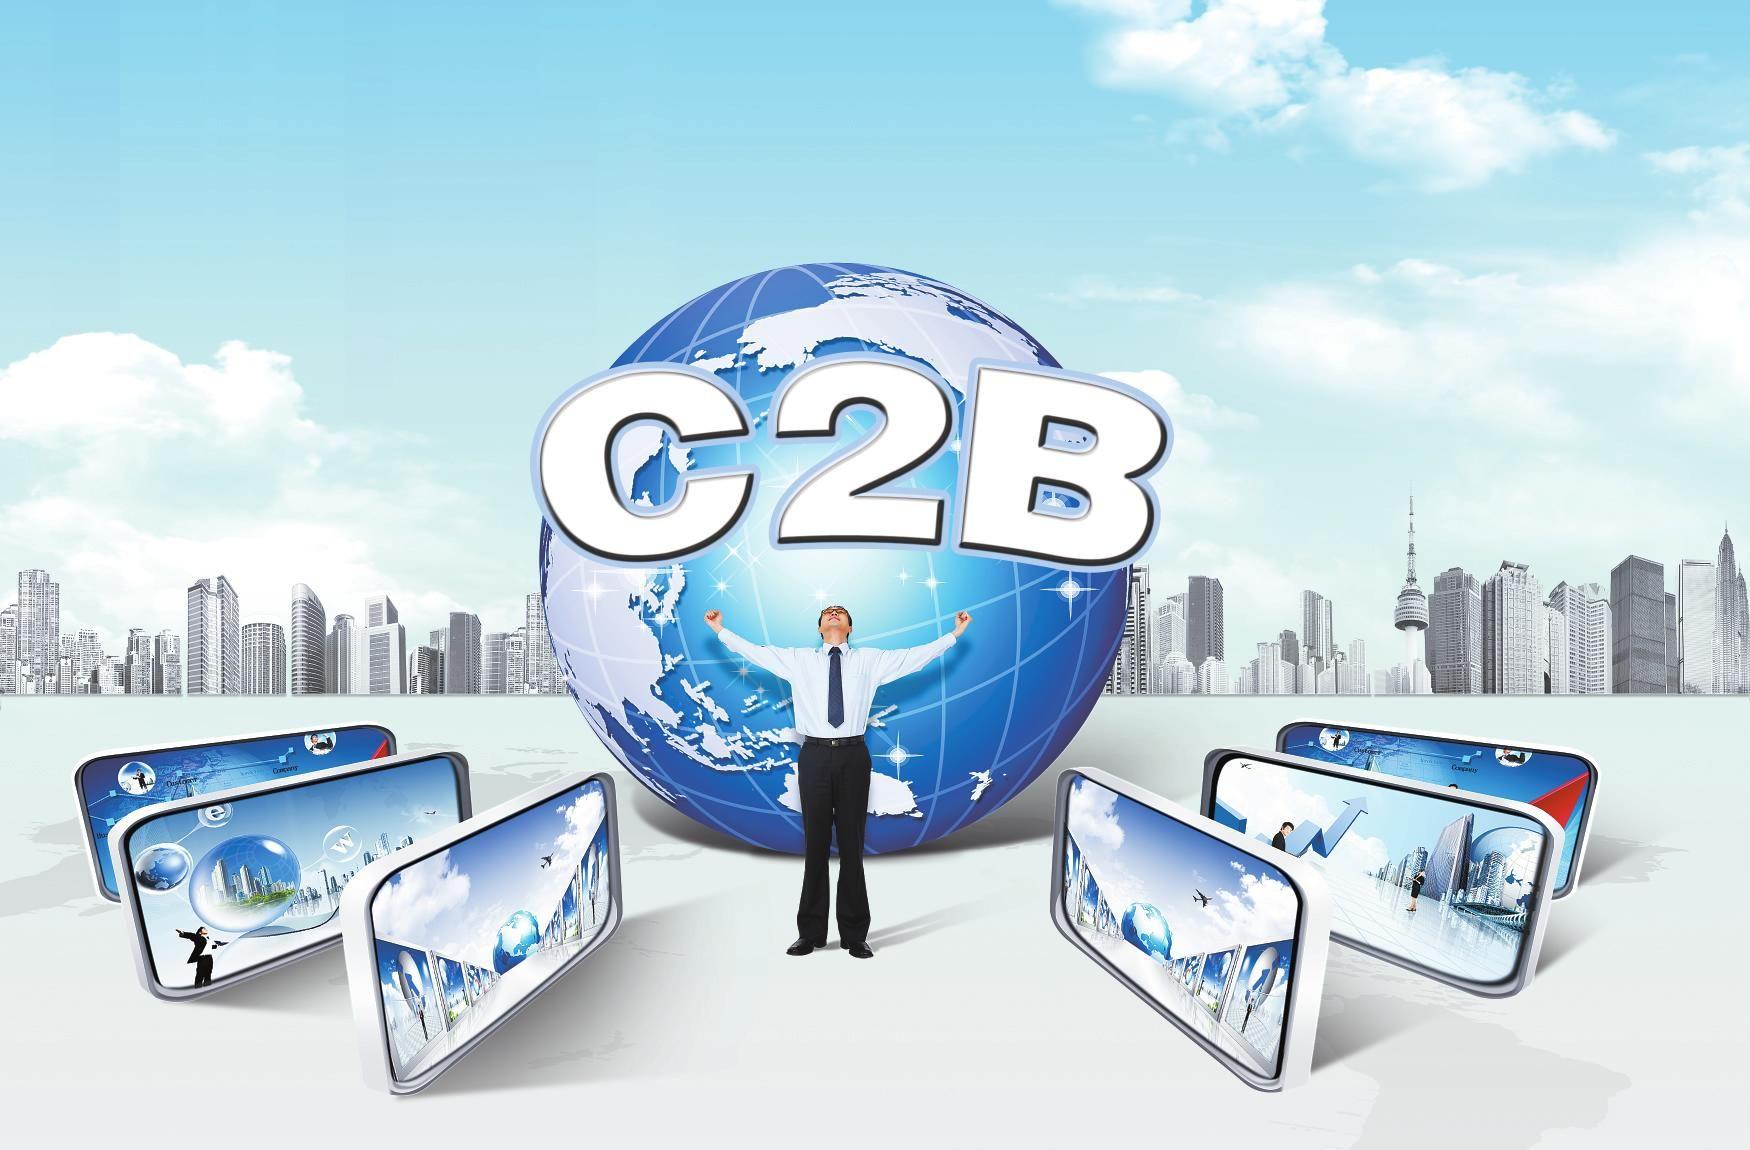 既然垂直电商对C2B说NO,那么,个性化对垂直电商仍然是死路一条?